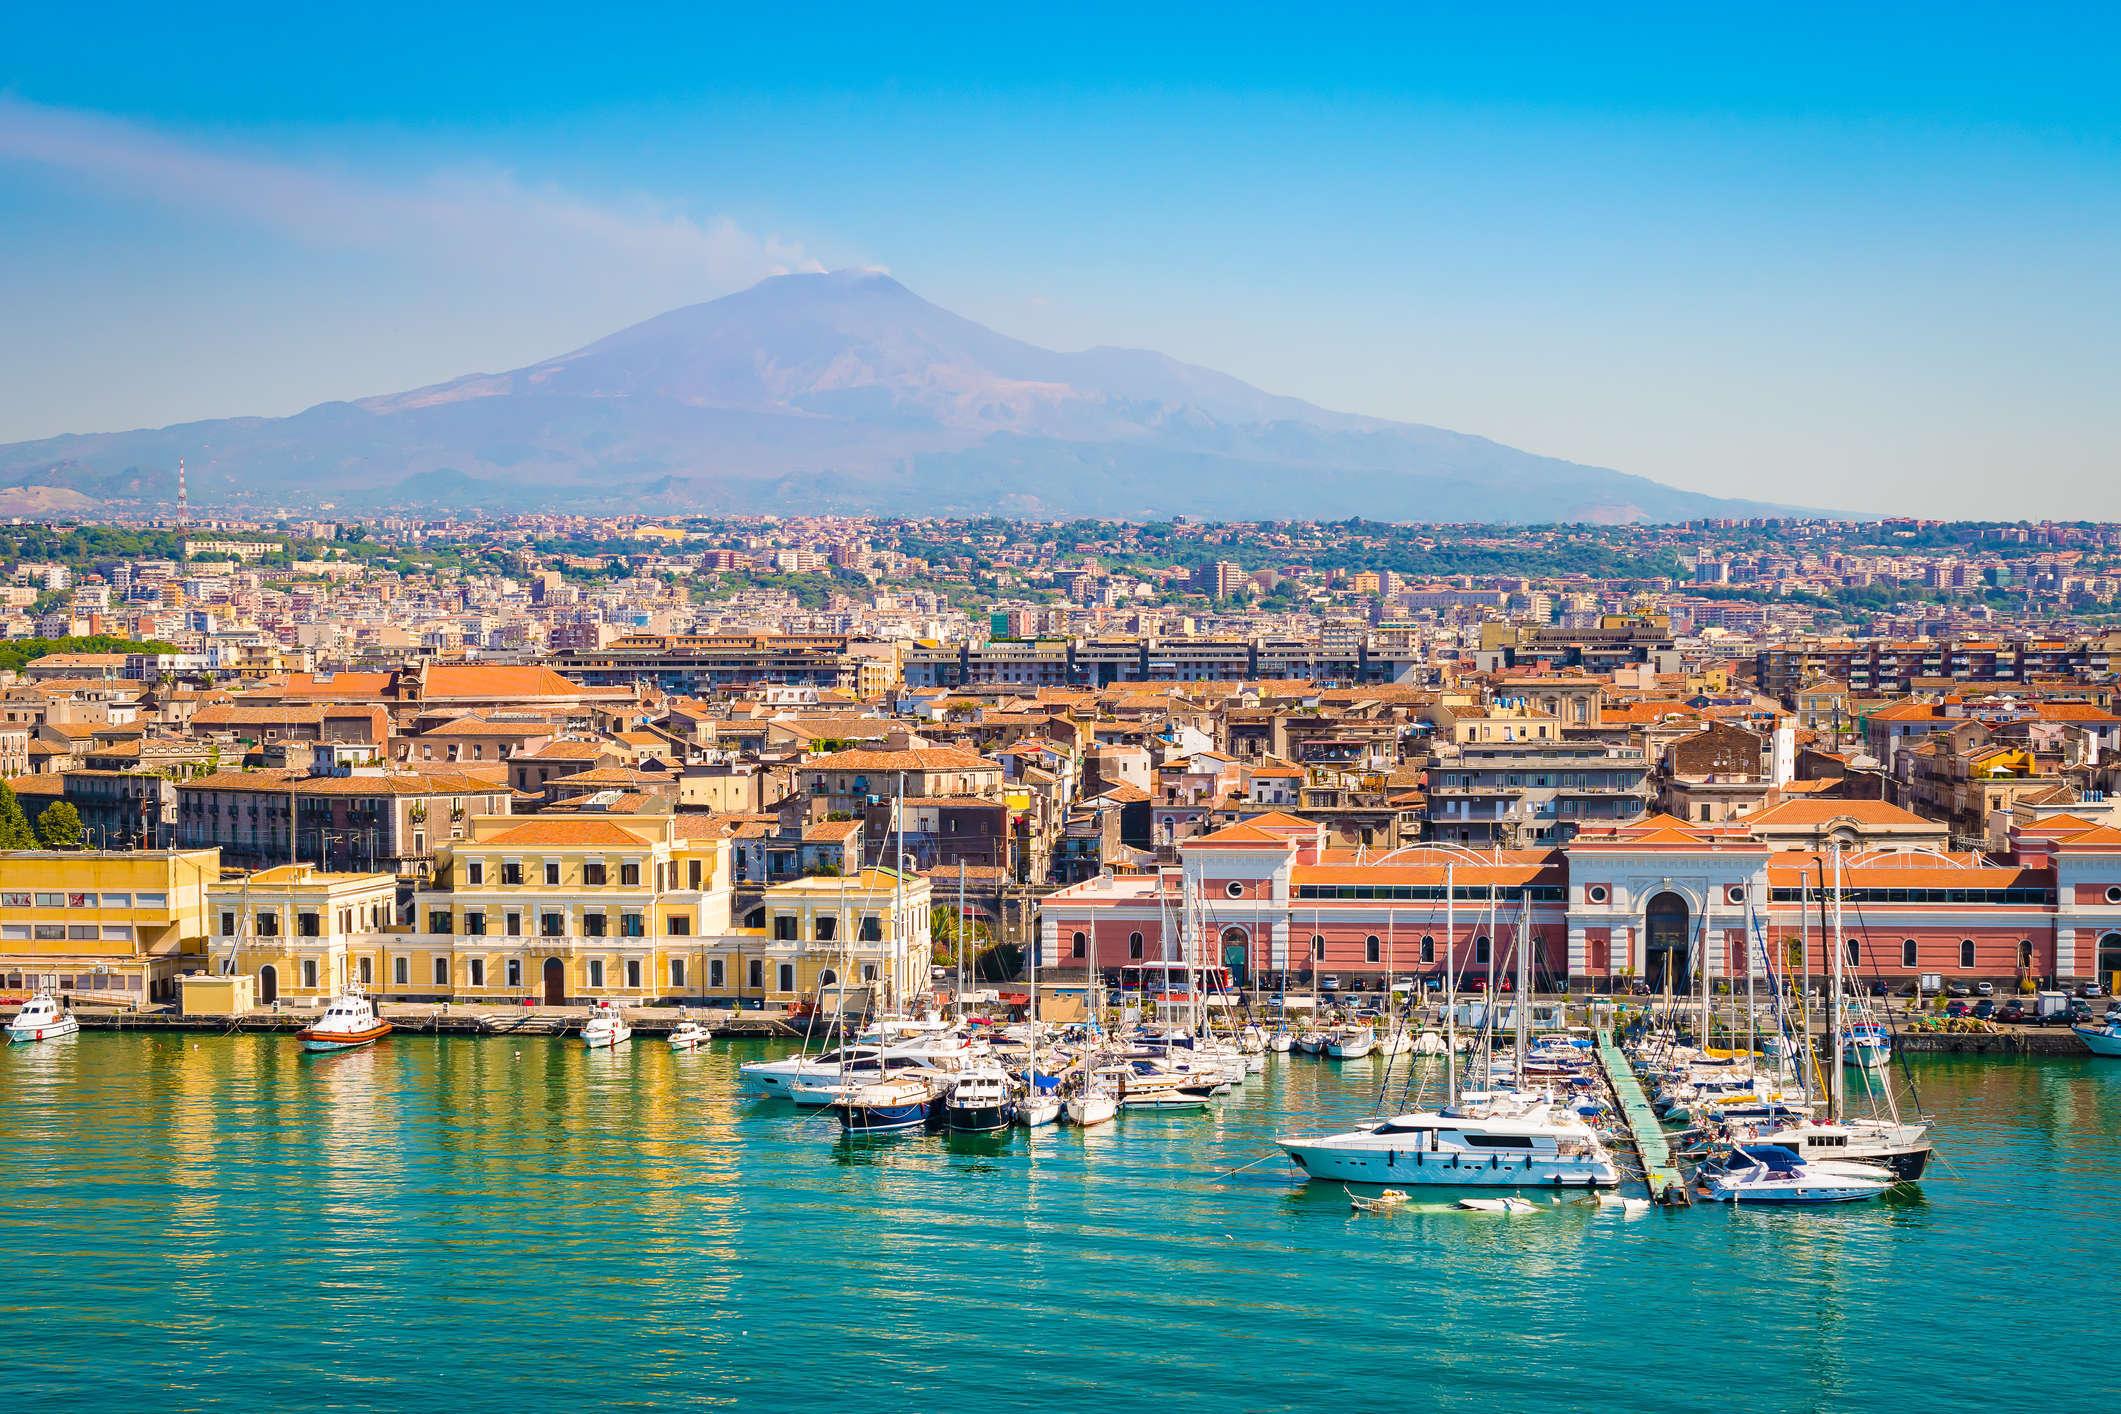 1° giorno: Catania - Piazza Armerina